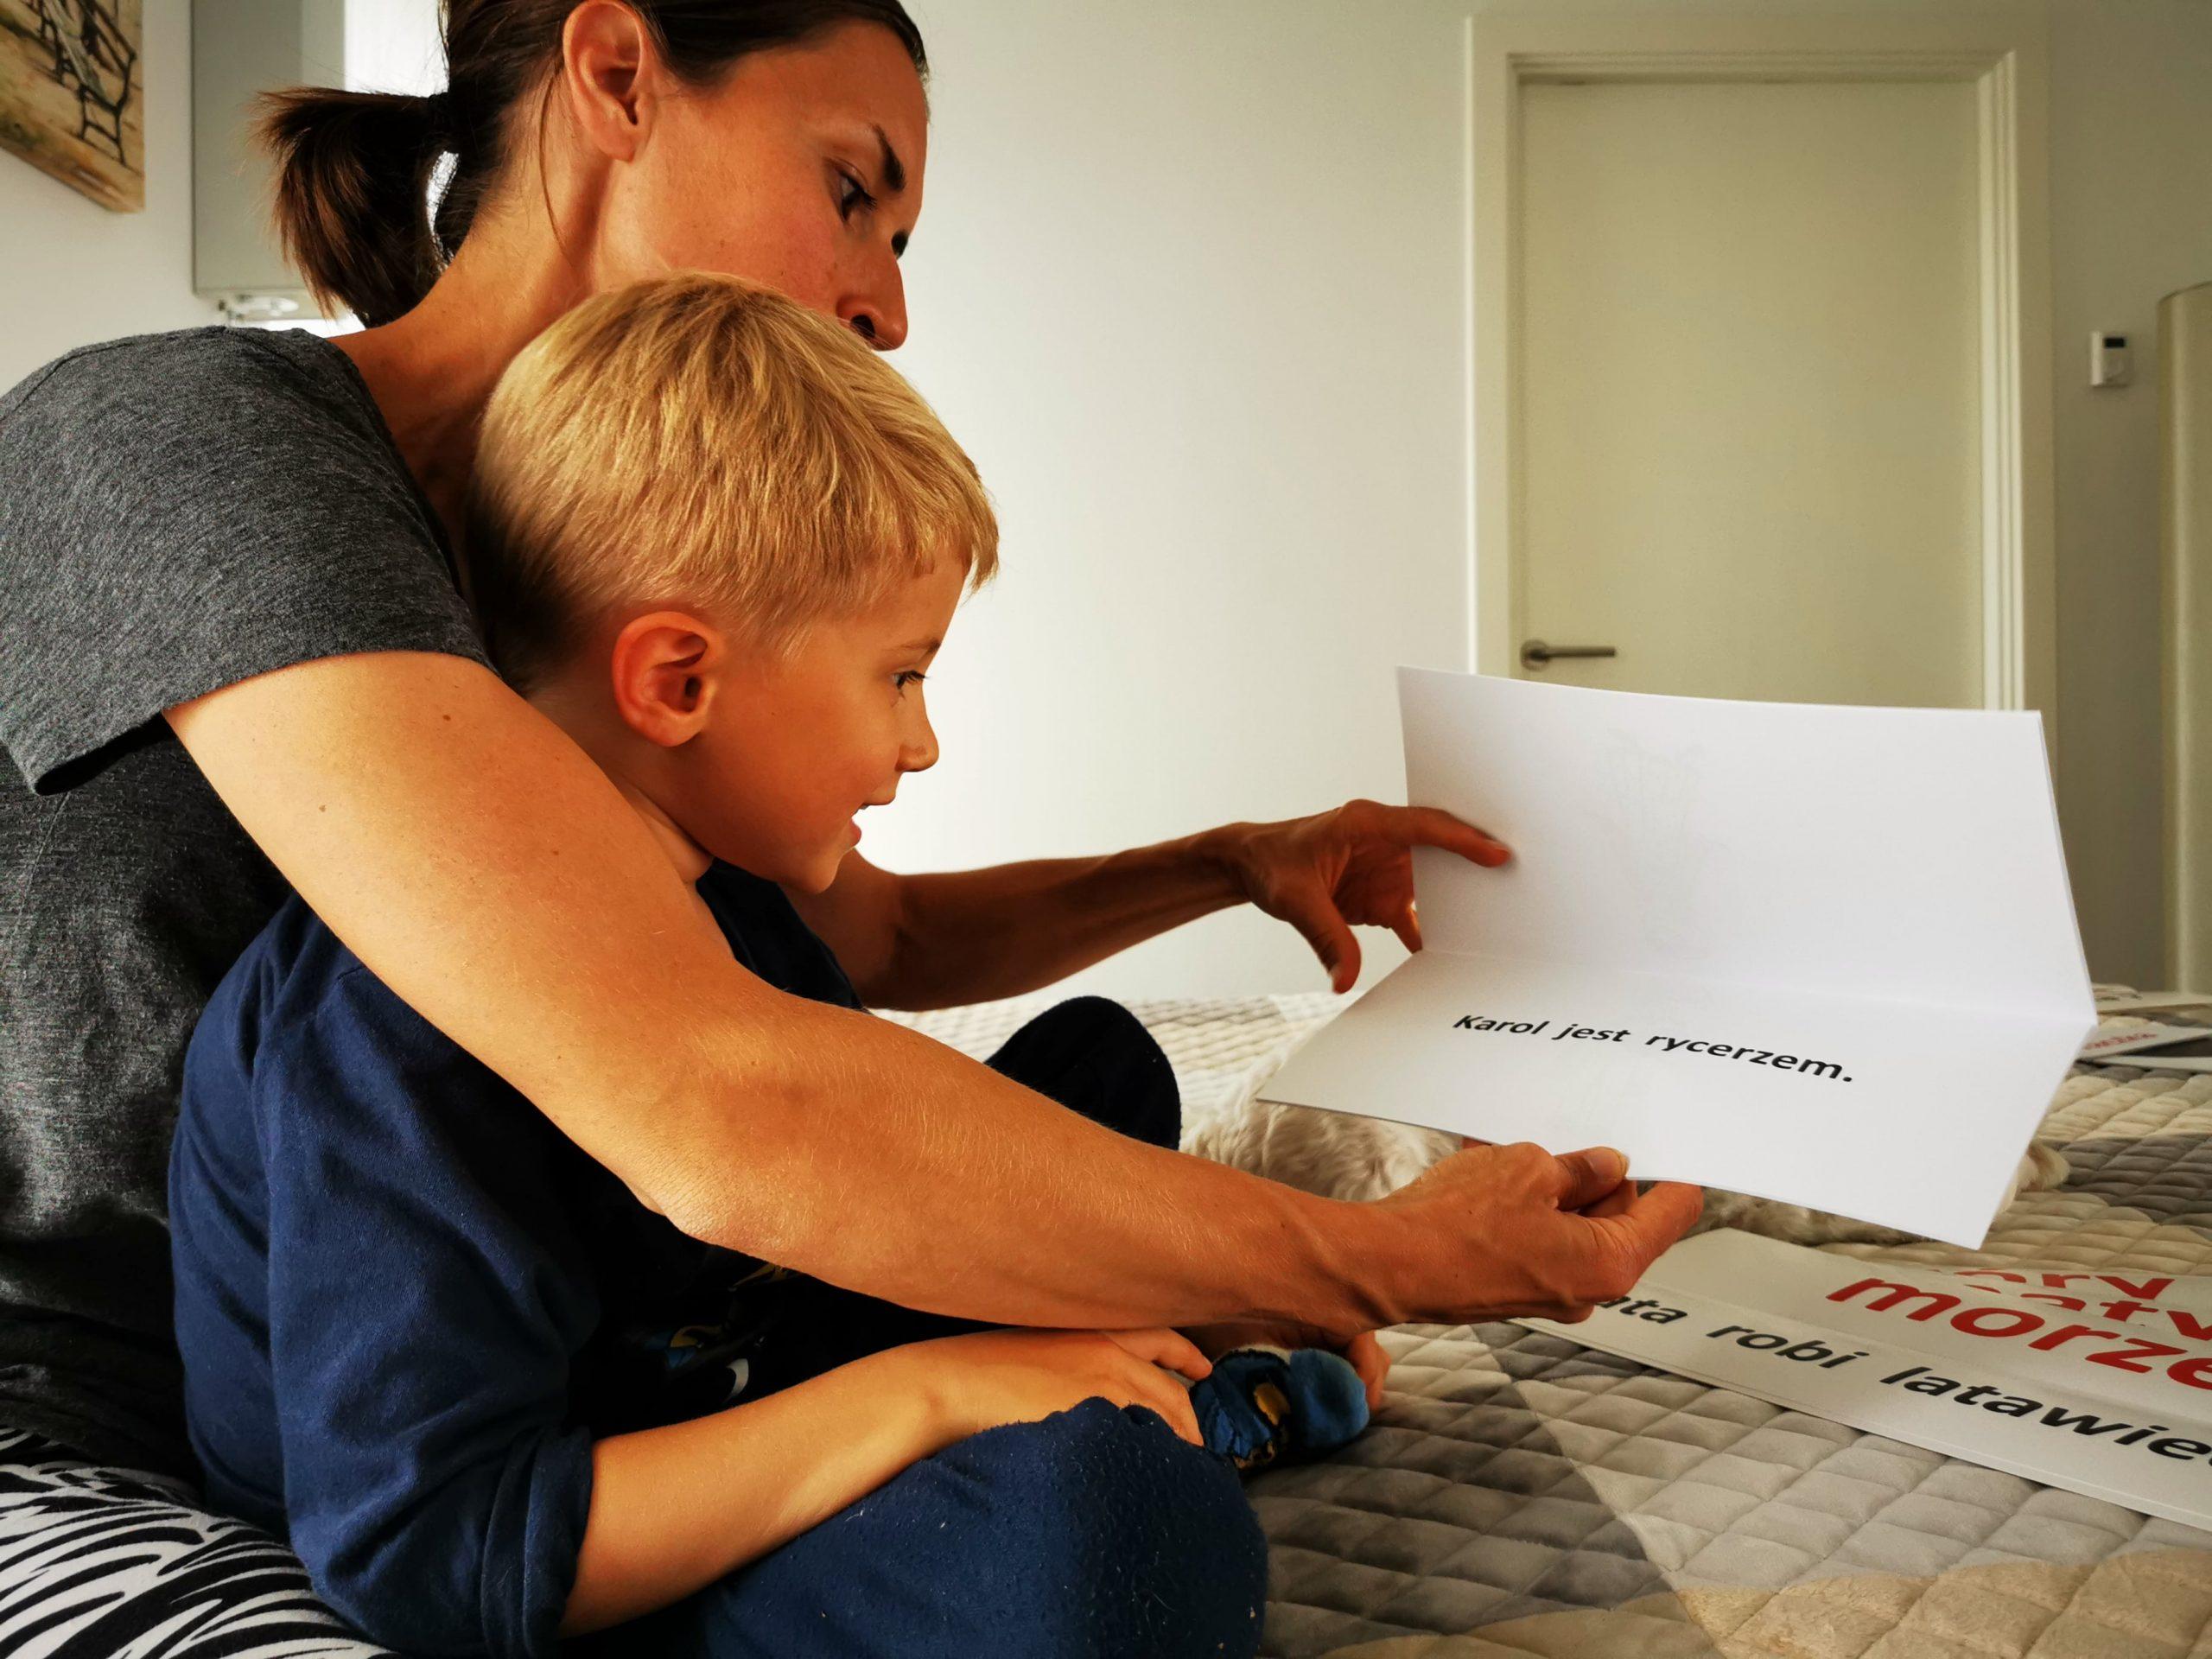 dziecko czyta samodzielnie książkę zzestawu donauki czytania drCzerskiej jak nauczyć dziecko czytać